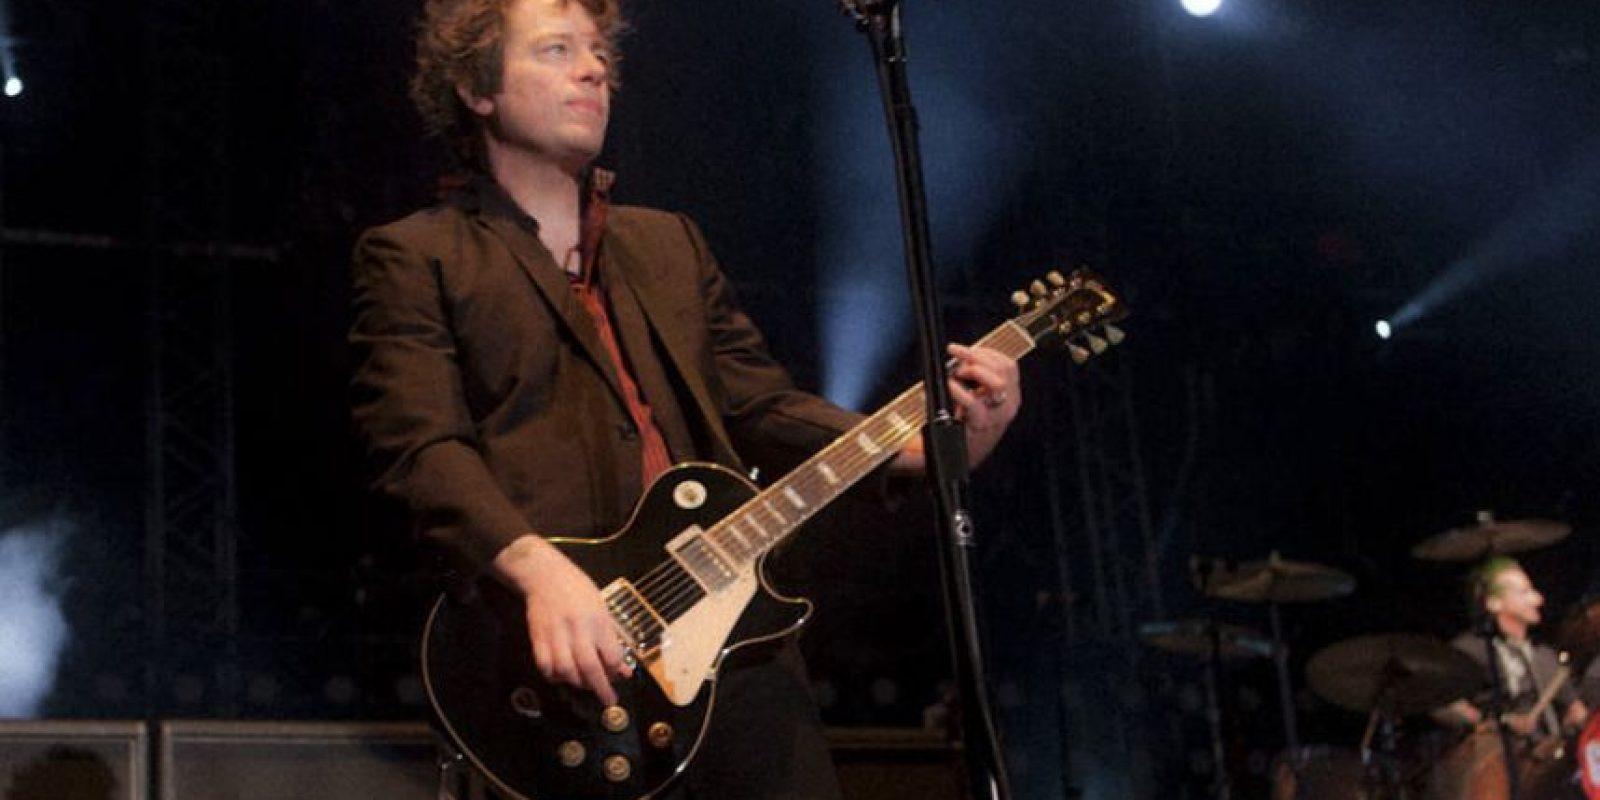 Jason ya colaboraba con Green Day desde la década de los 90. Foto:GreenDay.com